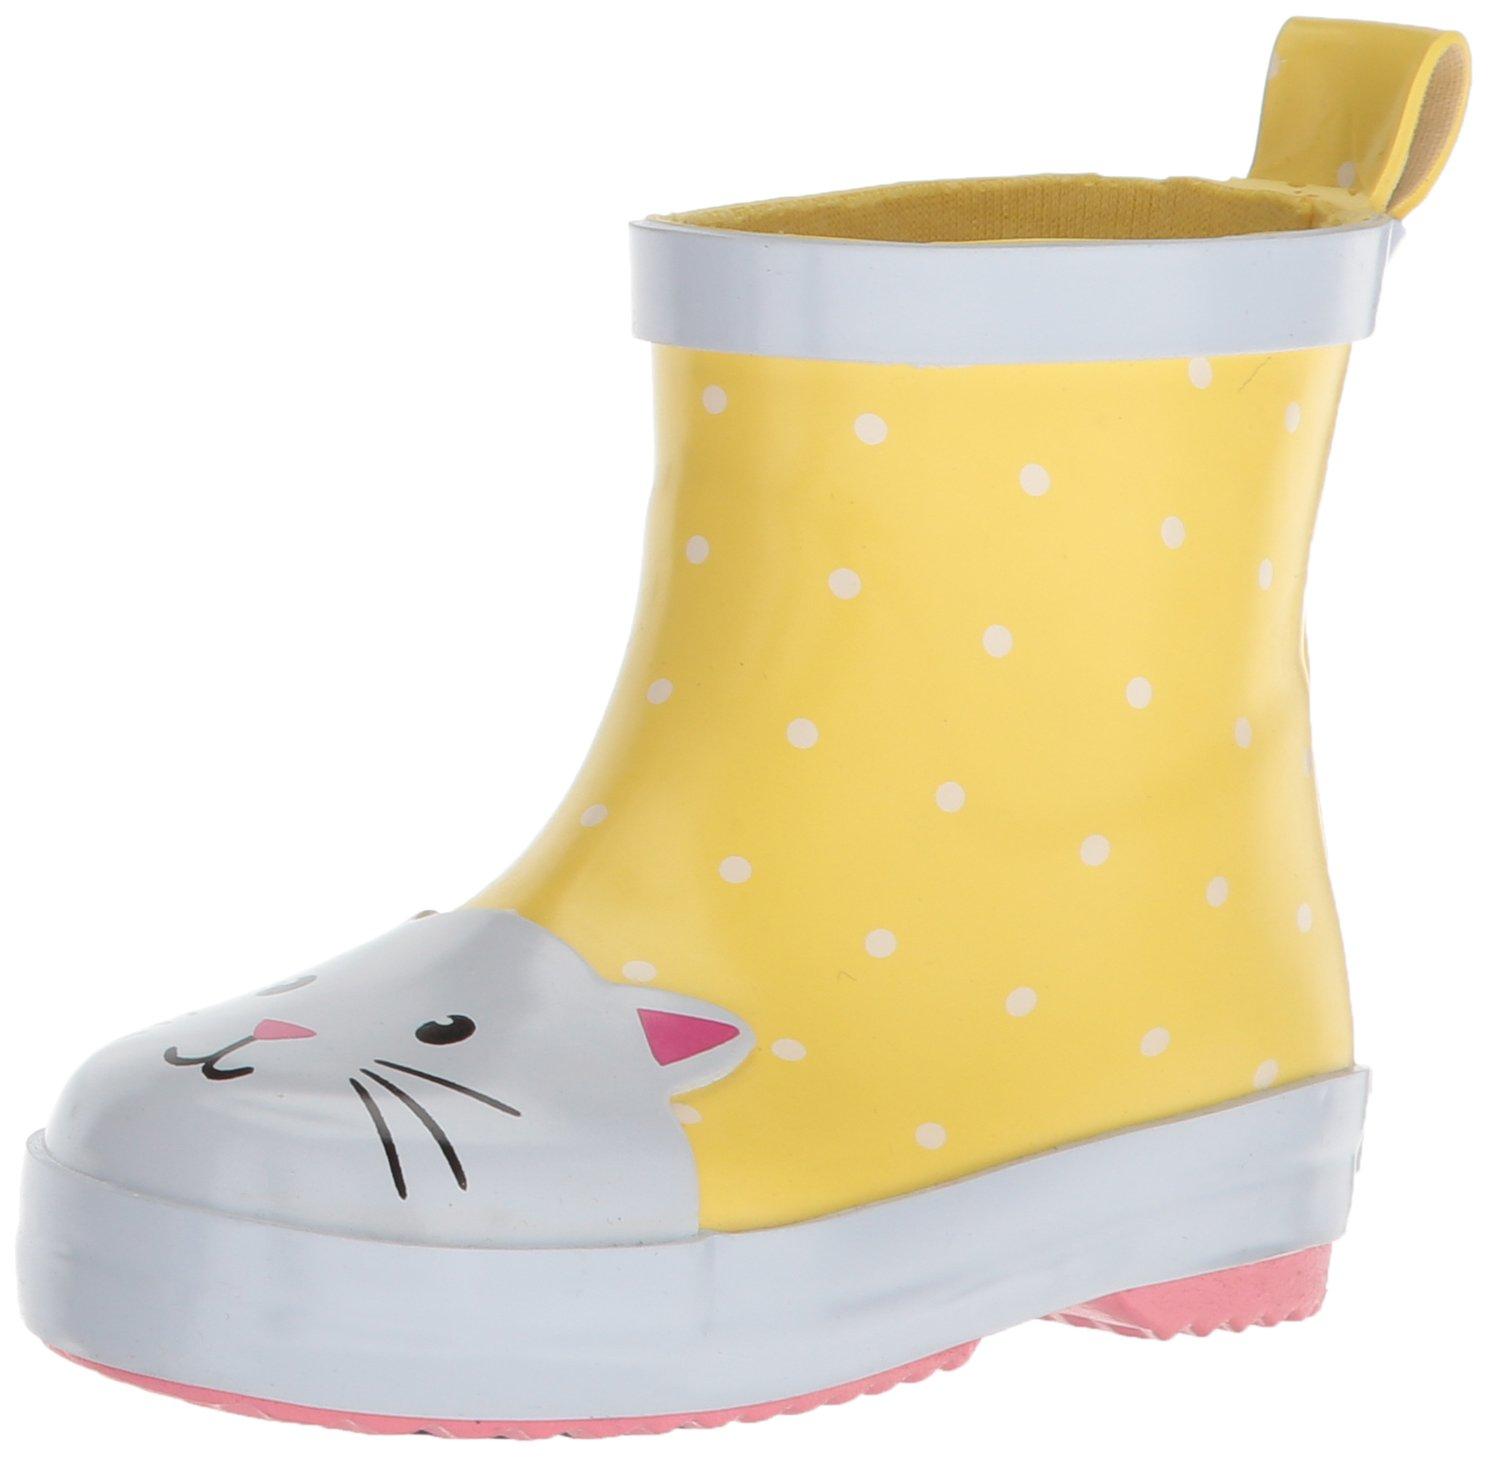 Carter's Girls' Rainboot Rain Boot, Yellow, 5 M US Toddler